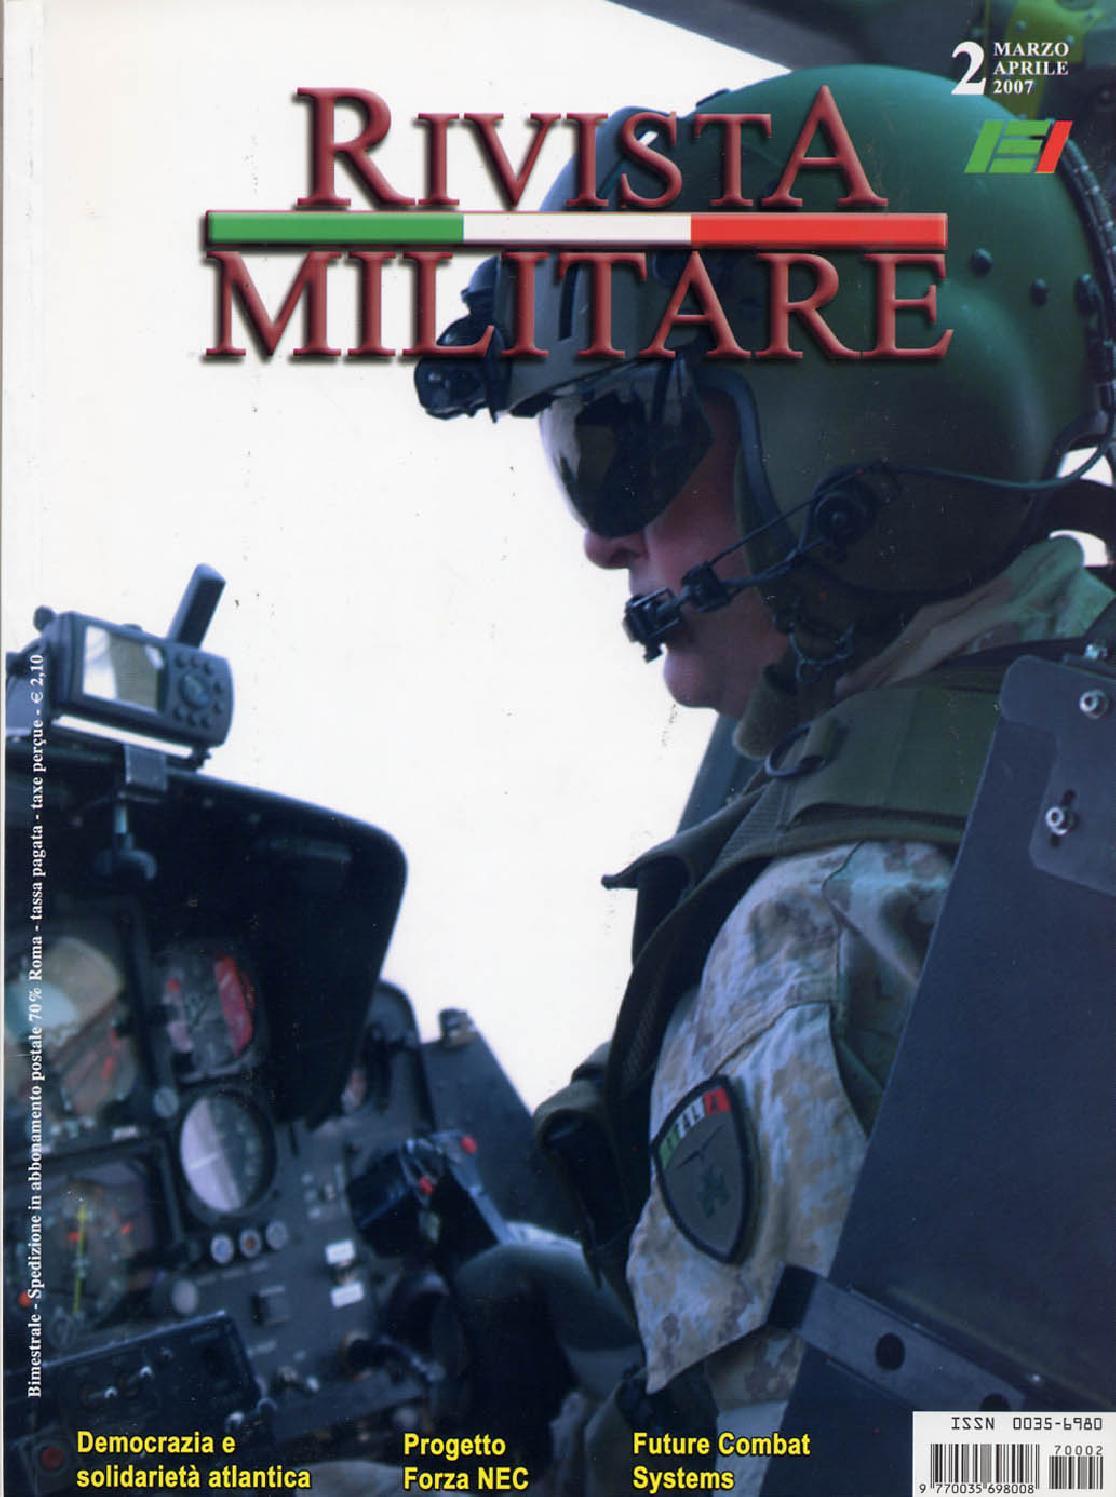 RIVISTA MILITARE 2007 N.2 by Biblioteca Militare issuu